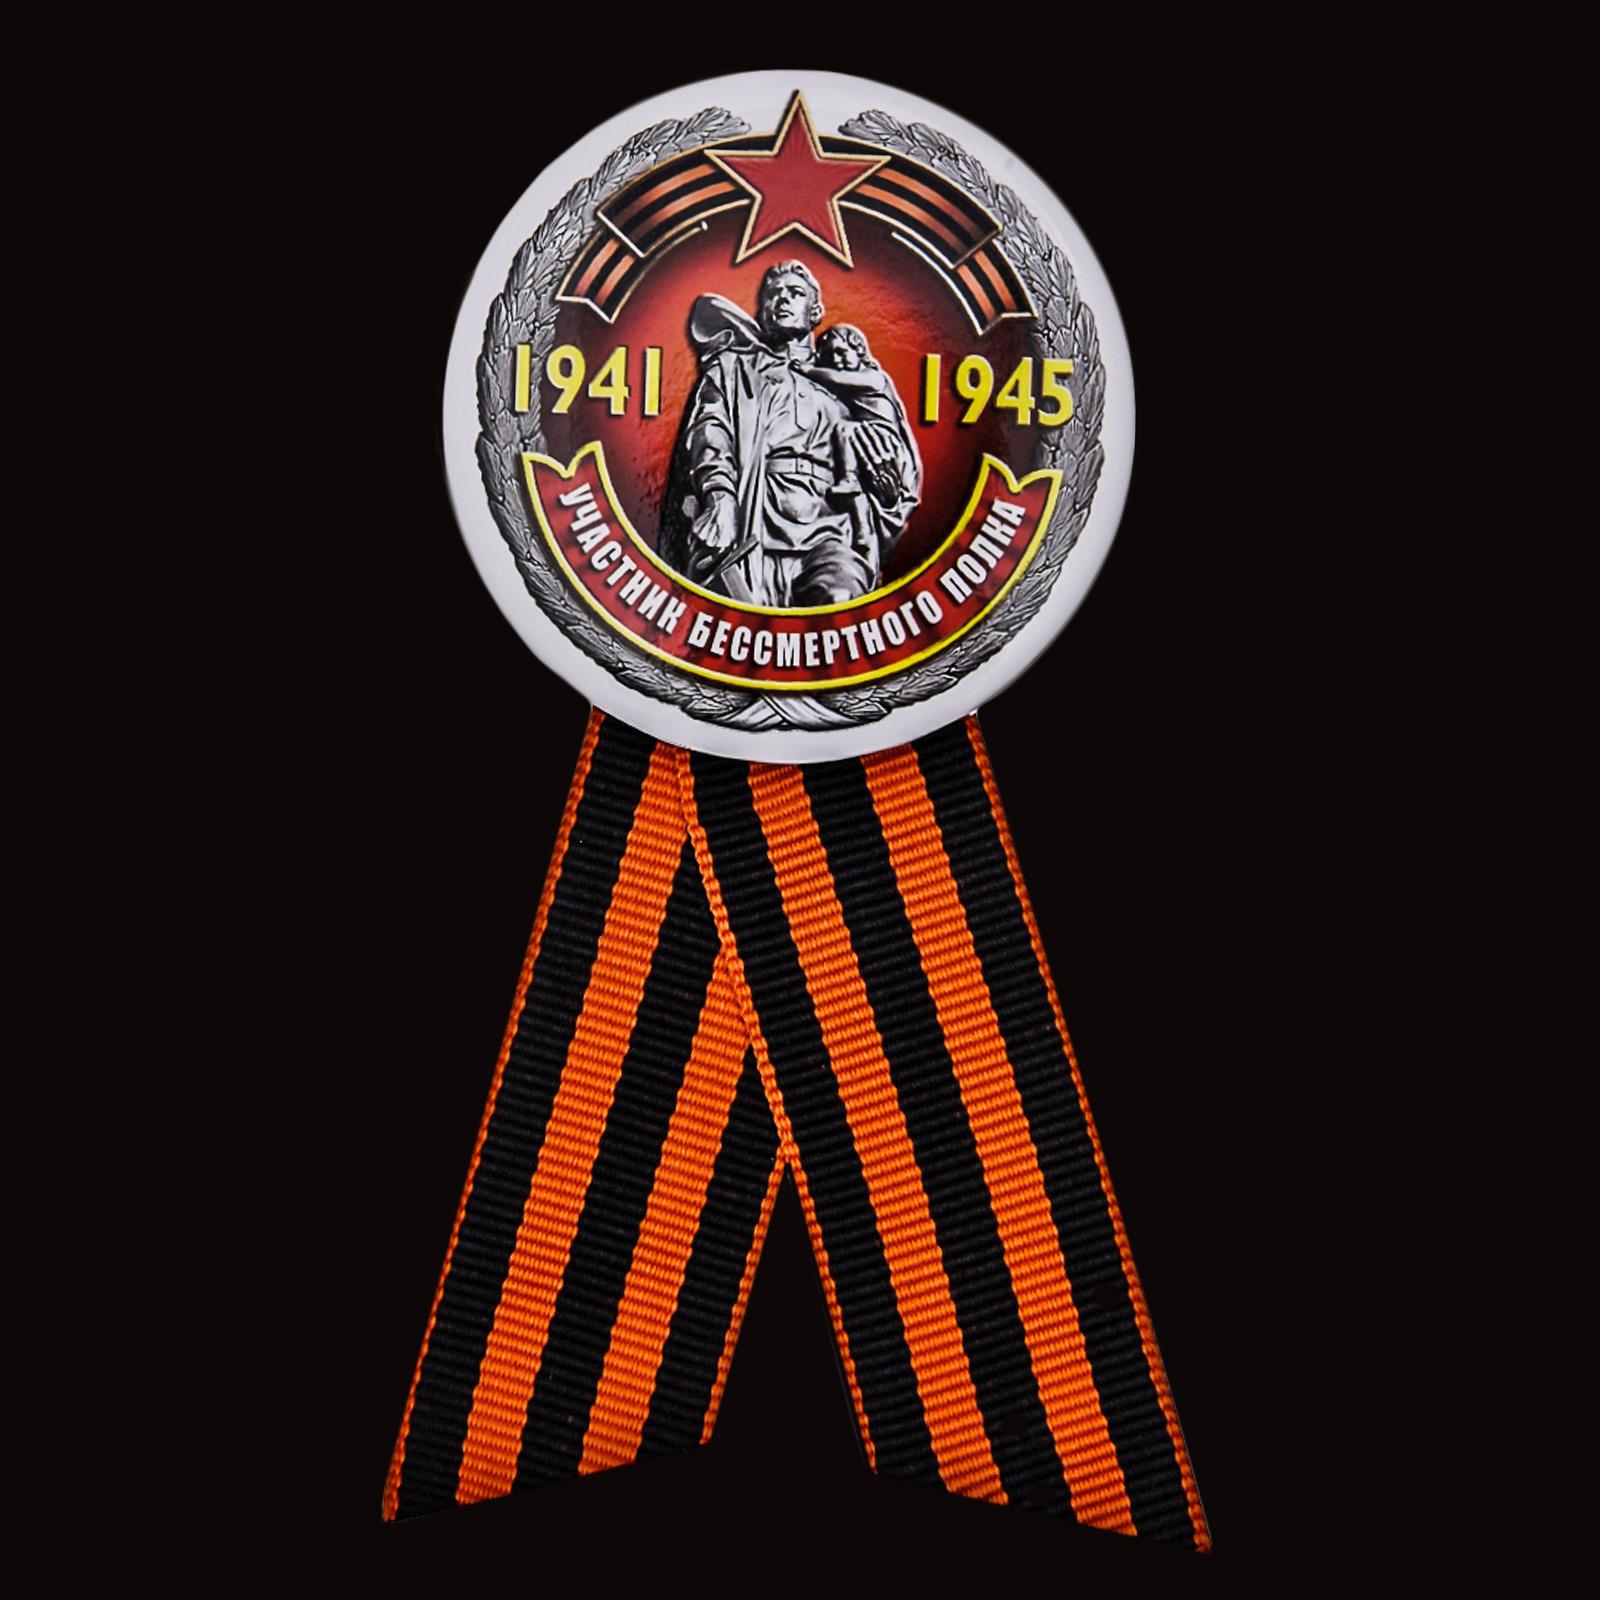 Юбилейный значок «Участник Бессмертного полка» на 75 лет Победы от Военпро